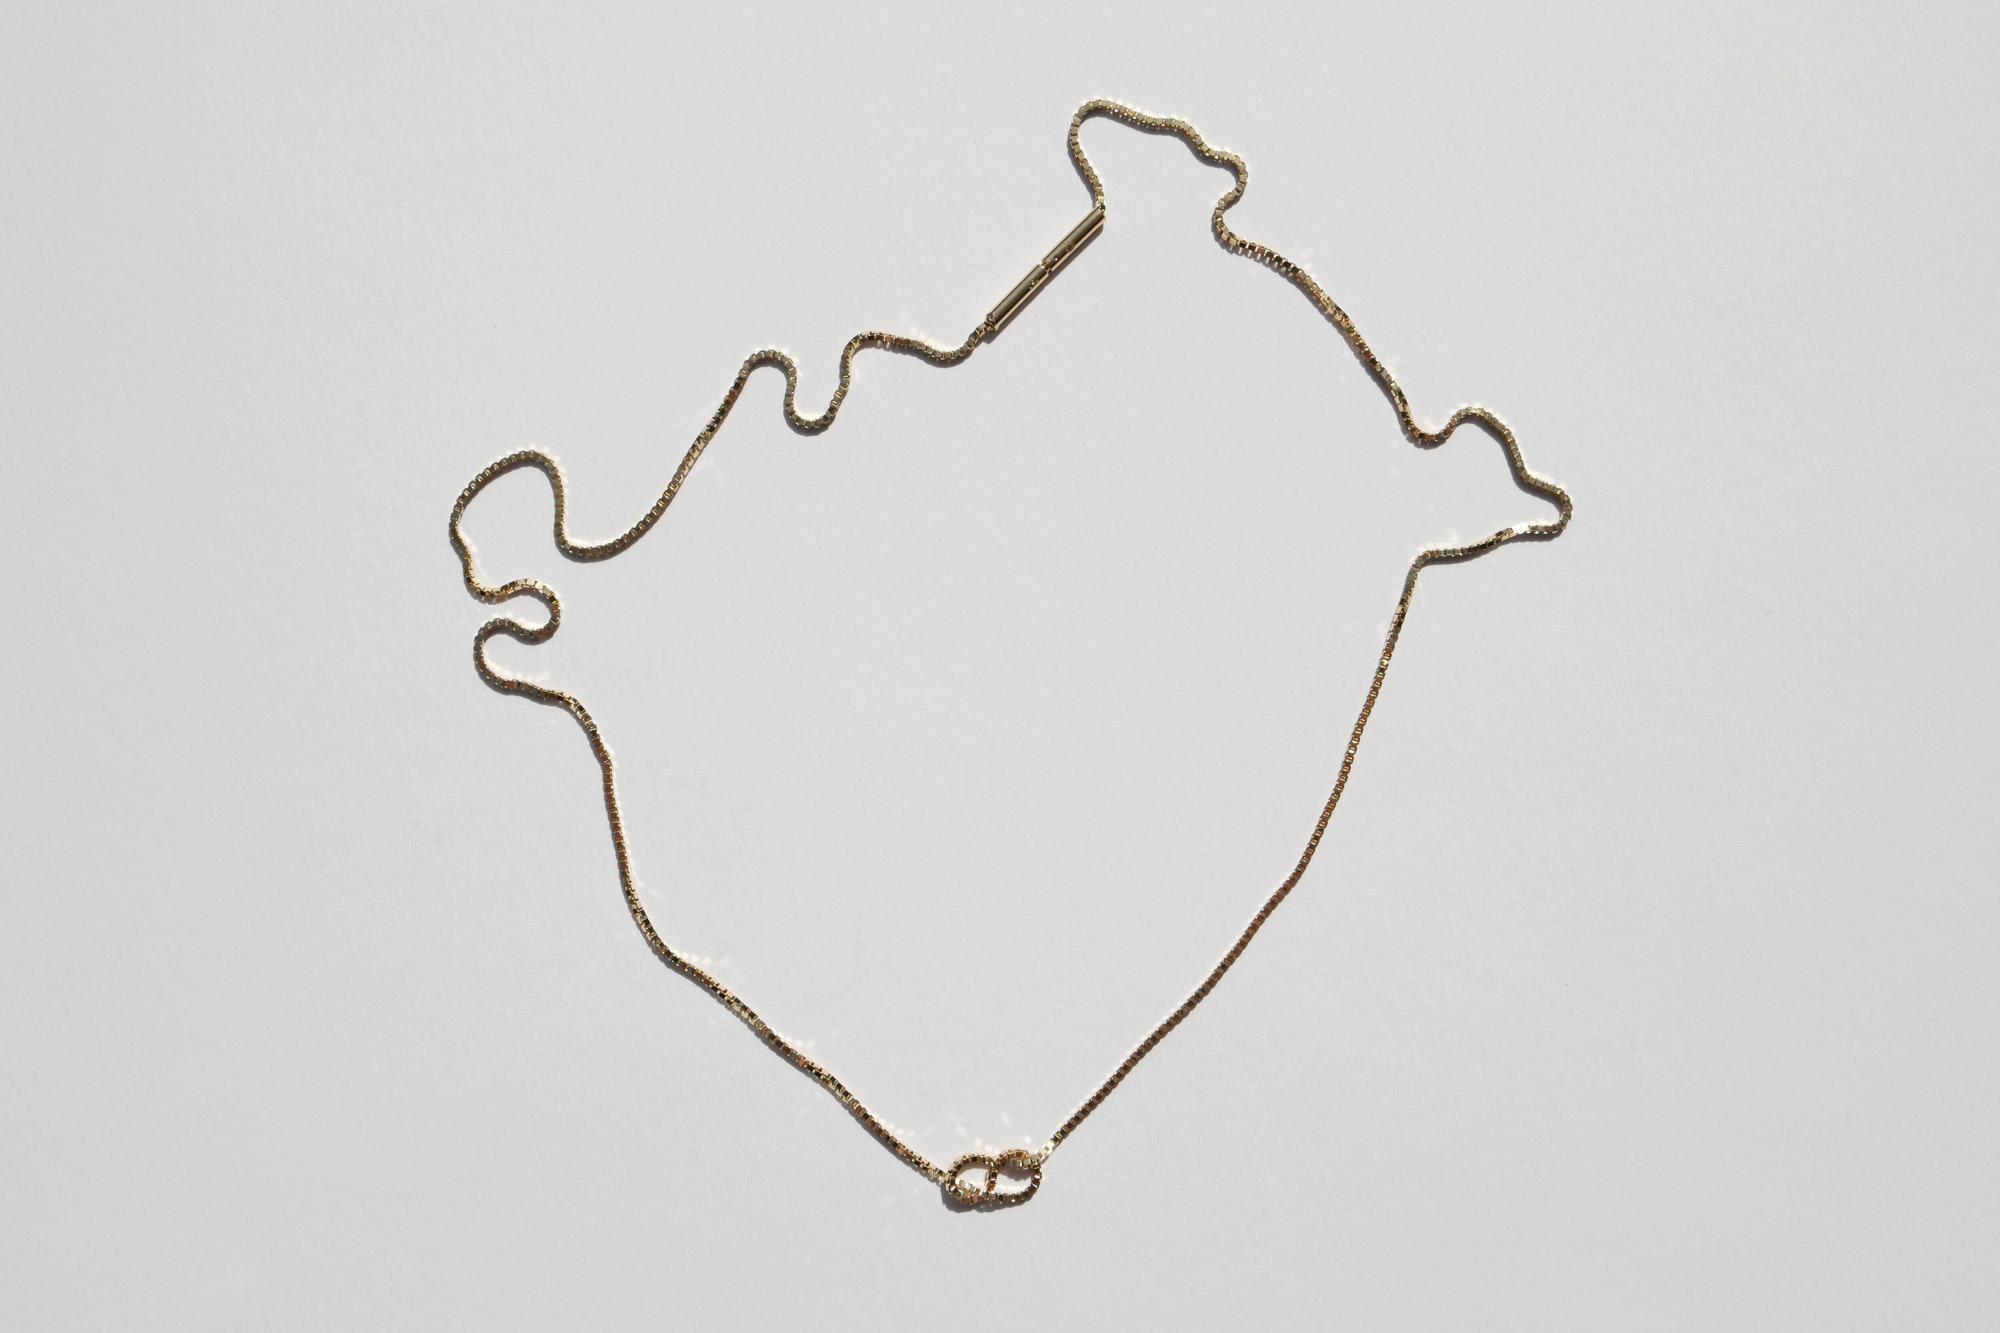 Fine Infinity Necklace Saskiaz